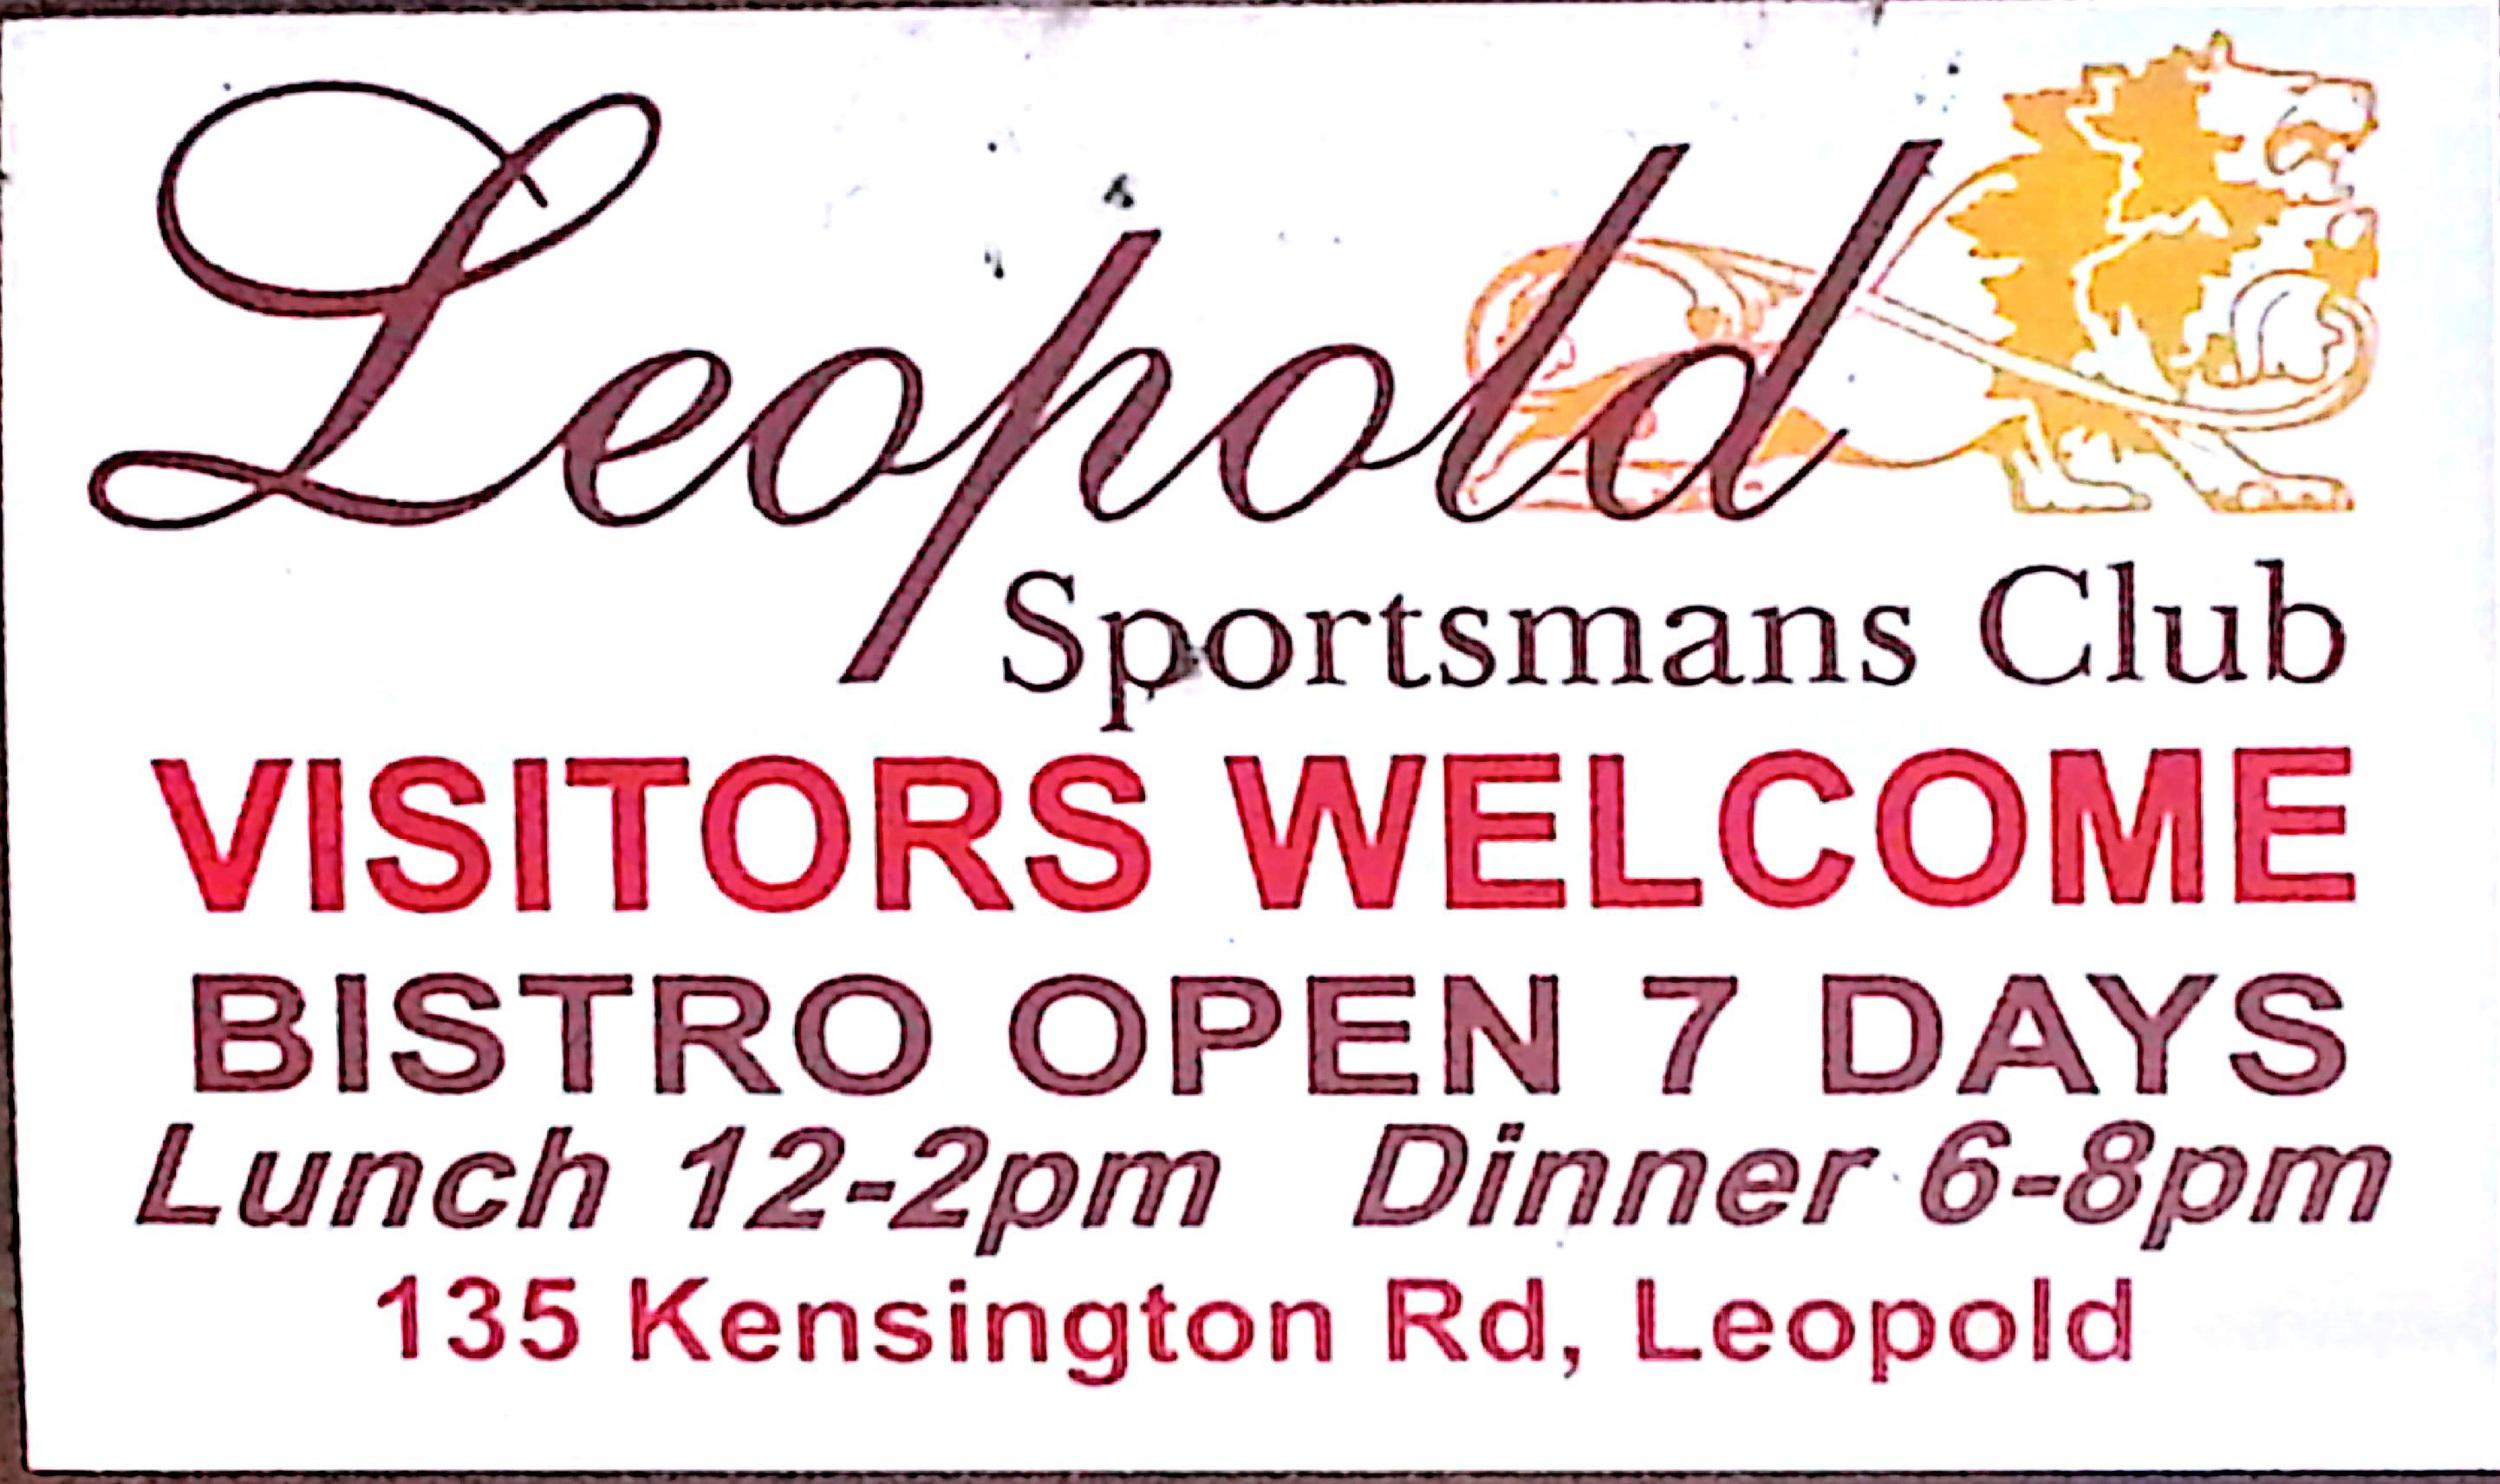 leopold sportsman club.jpg